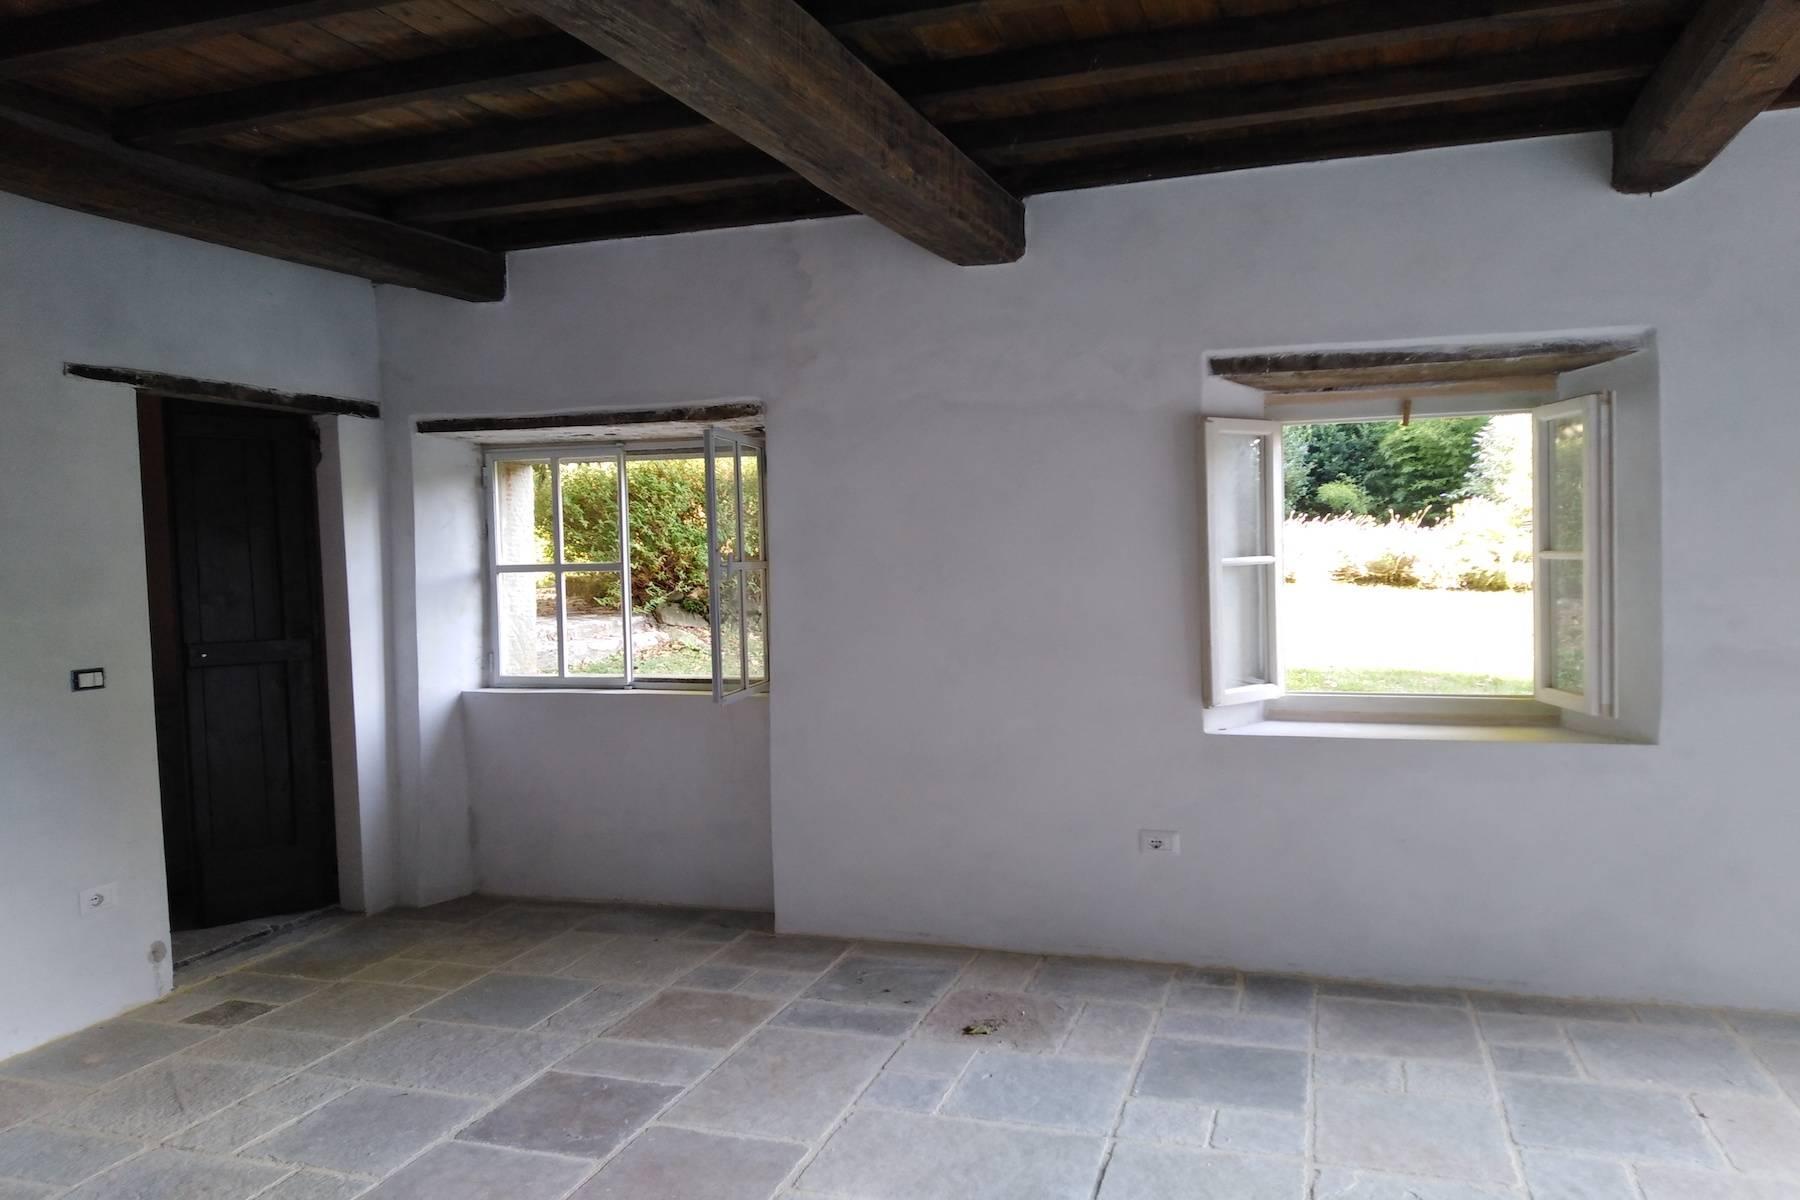 Maison de campagne enchantée sur les collines autour de Lucca - 11